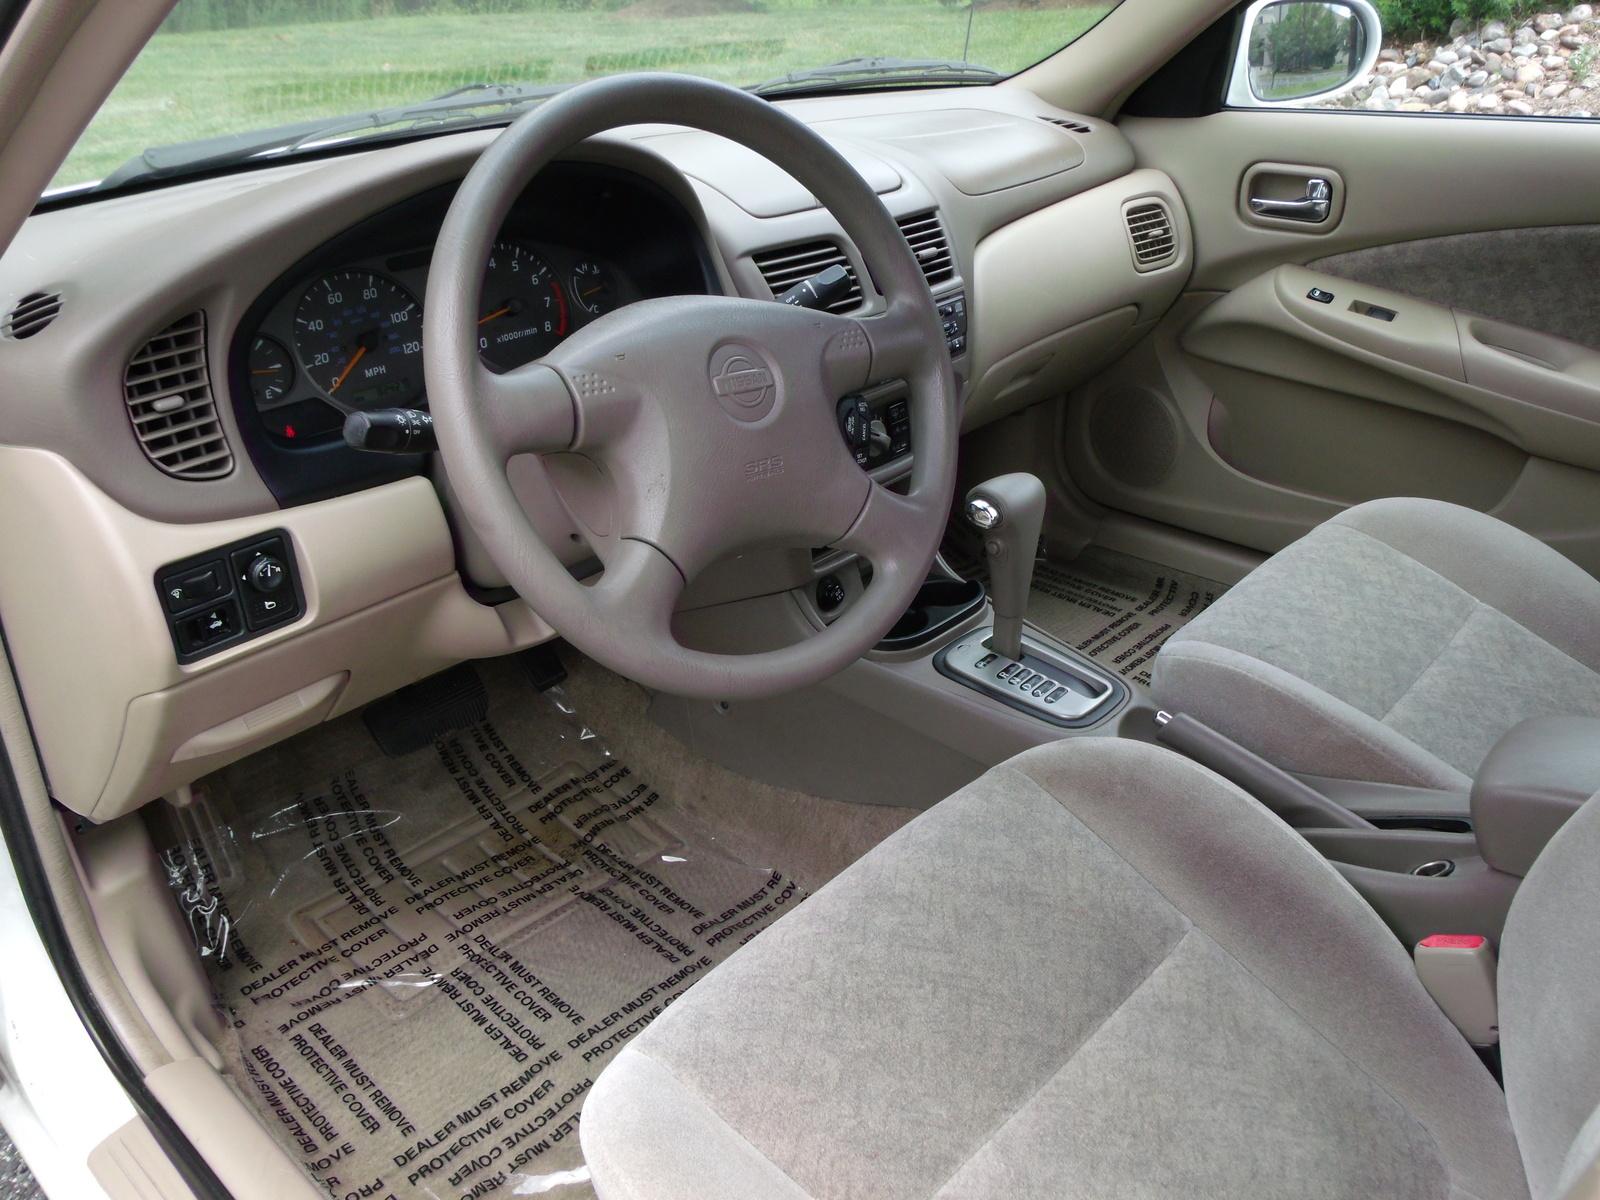 2000 Nissan Sentra Interior Pictures Cargurus